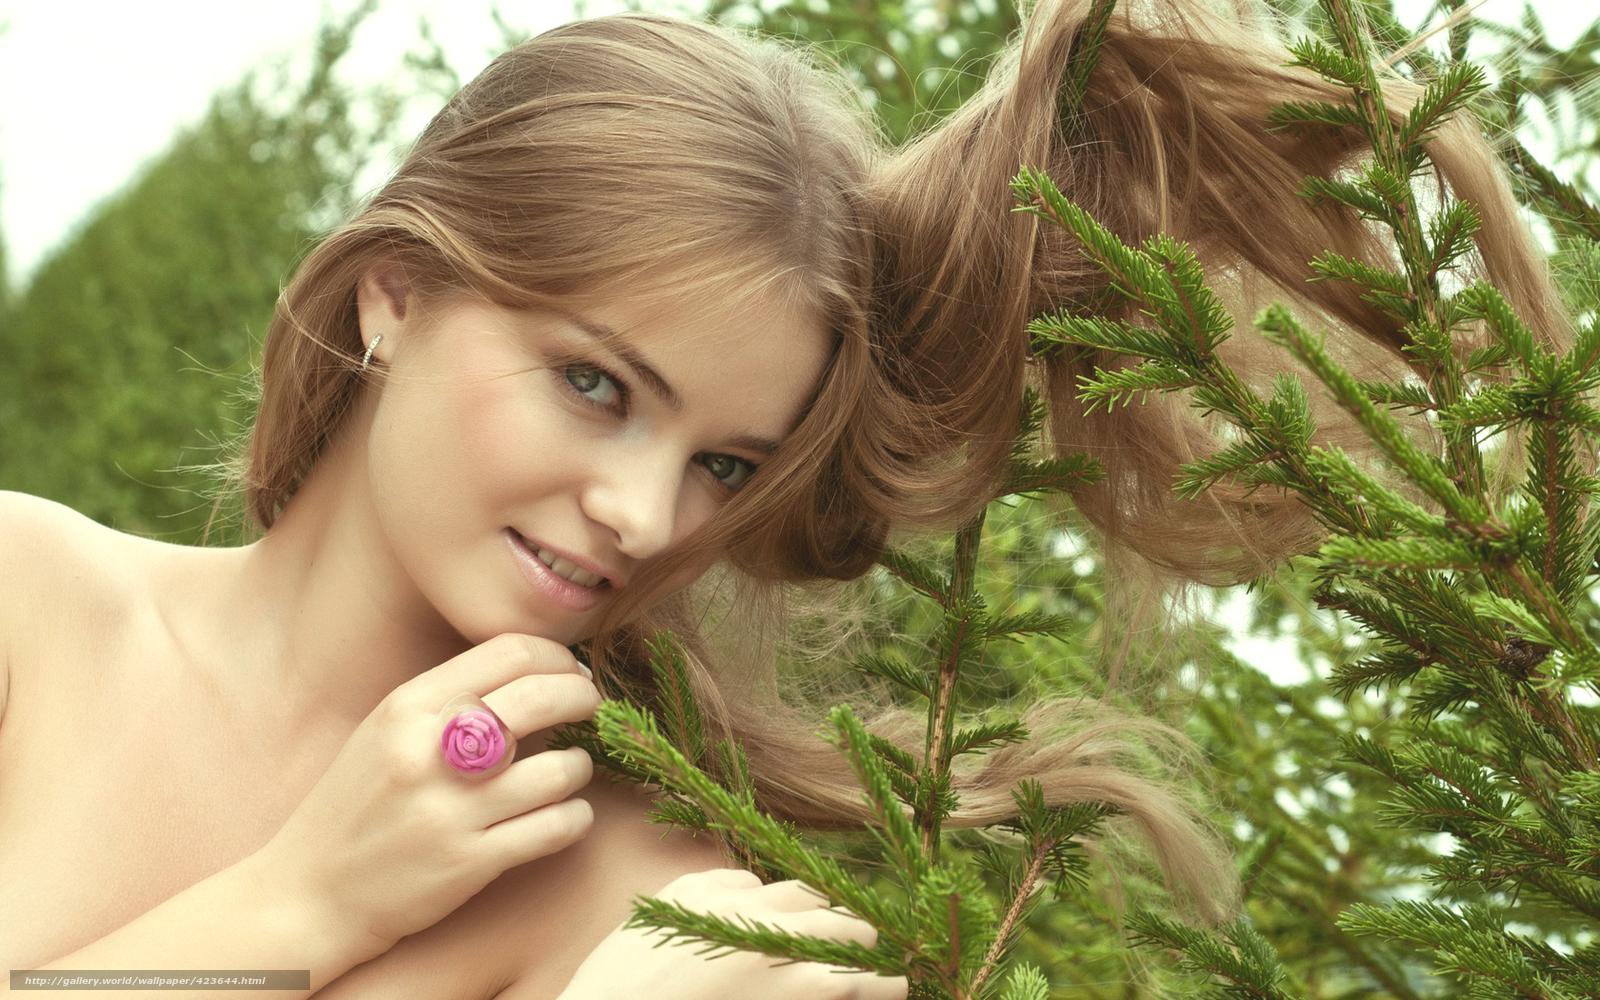 Фотографии с русоволосыми девушками 10 фотография